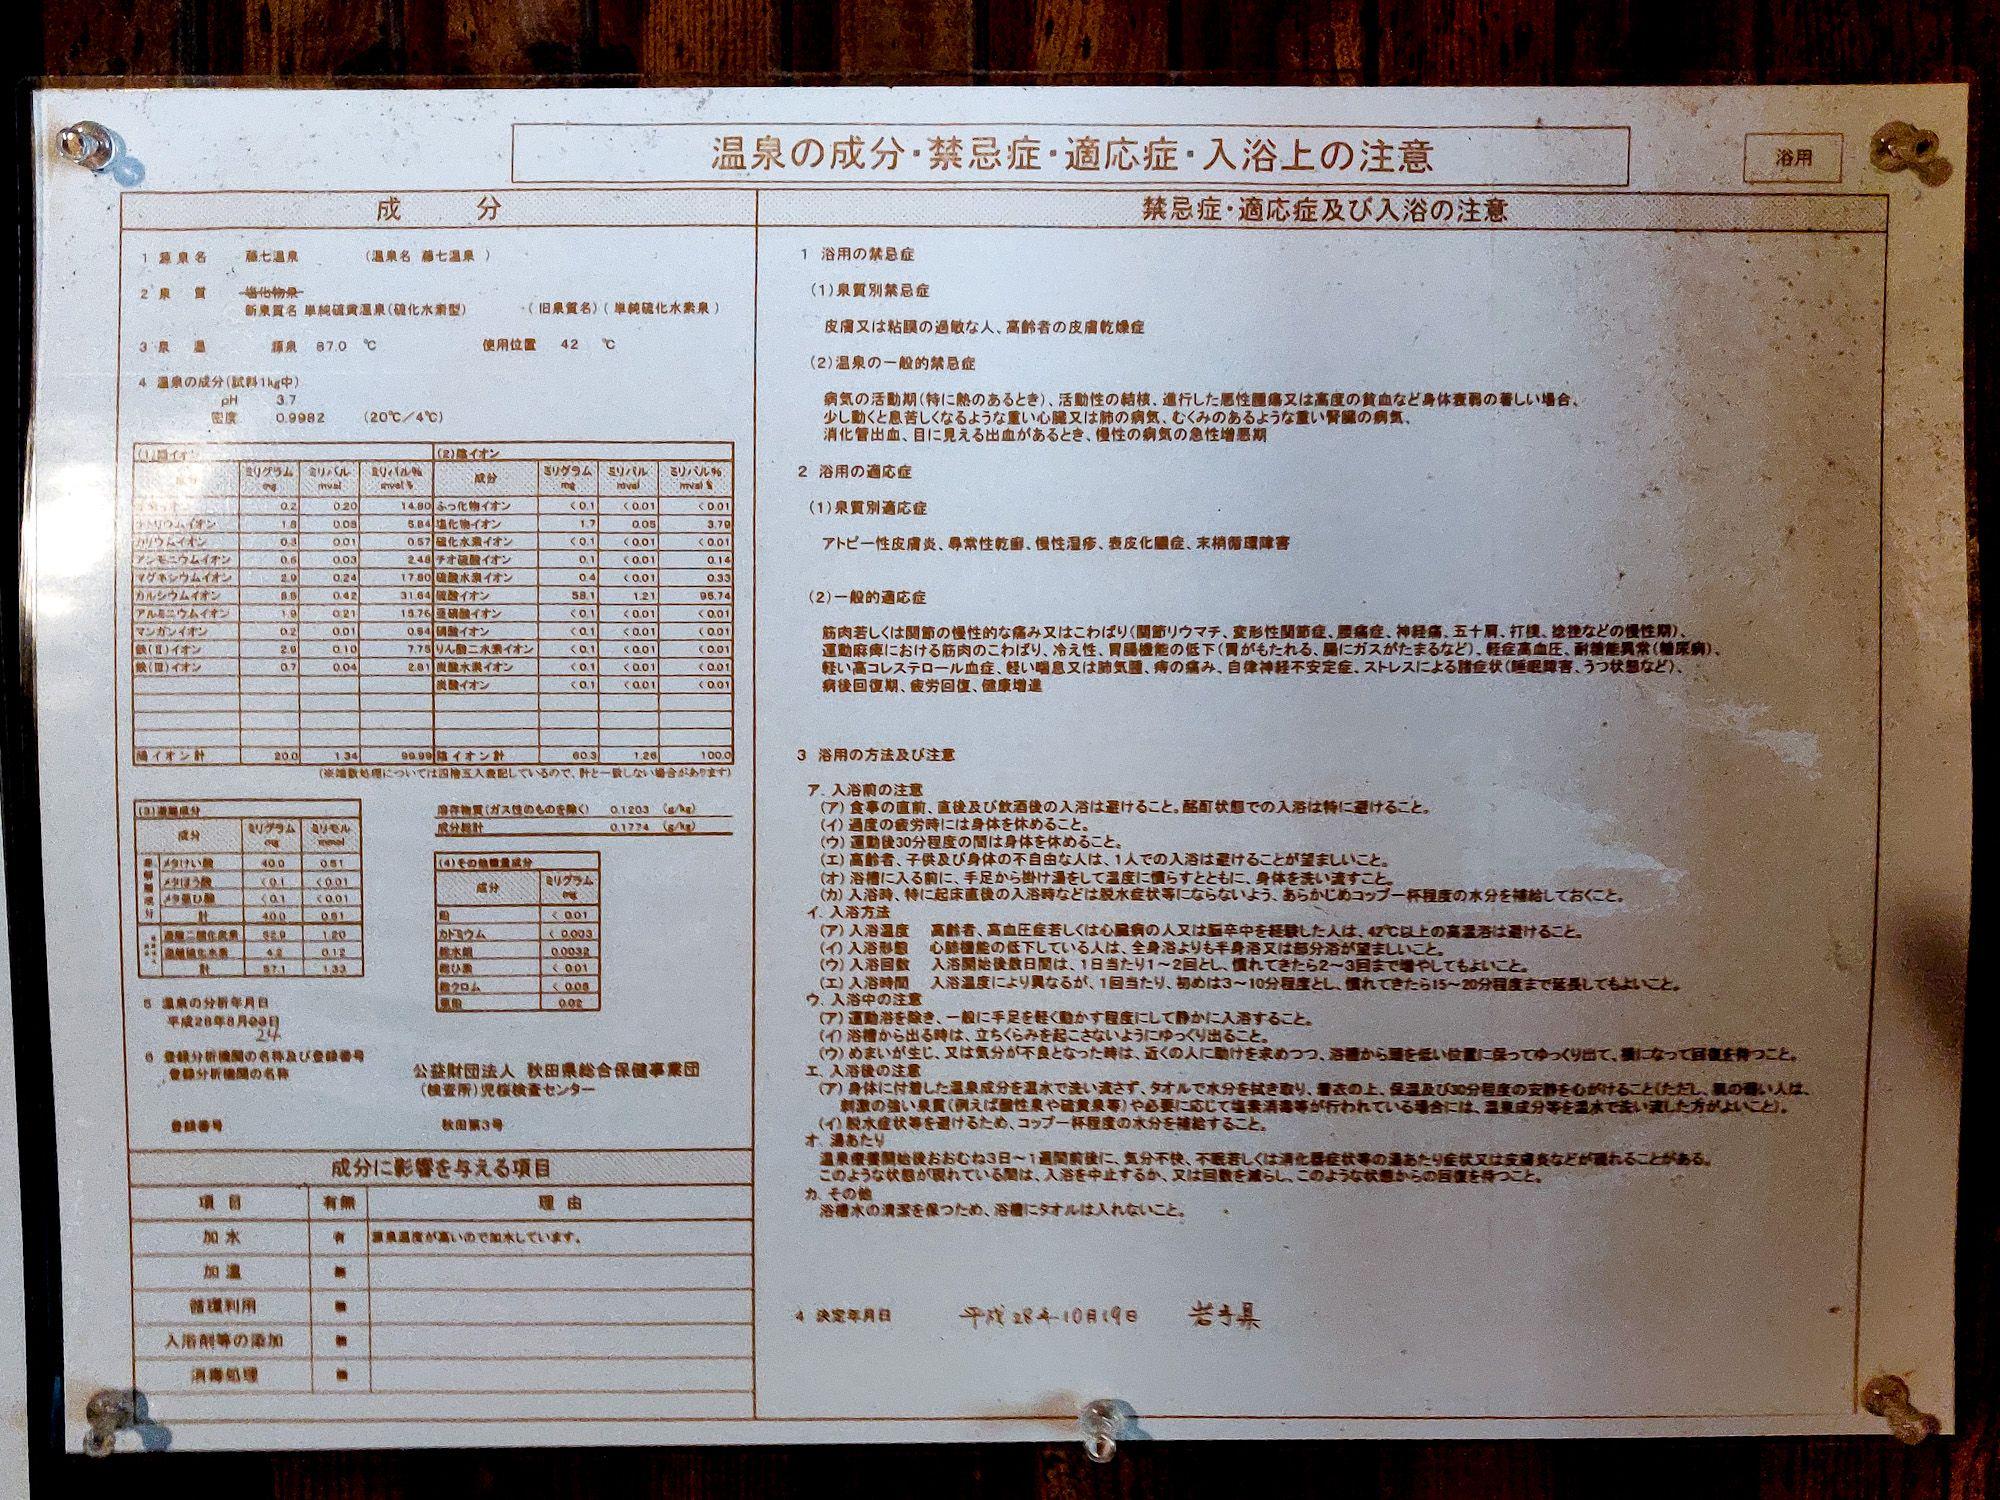 藤七温泉 温泉分析書